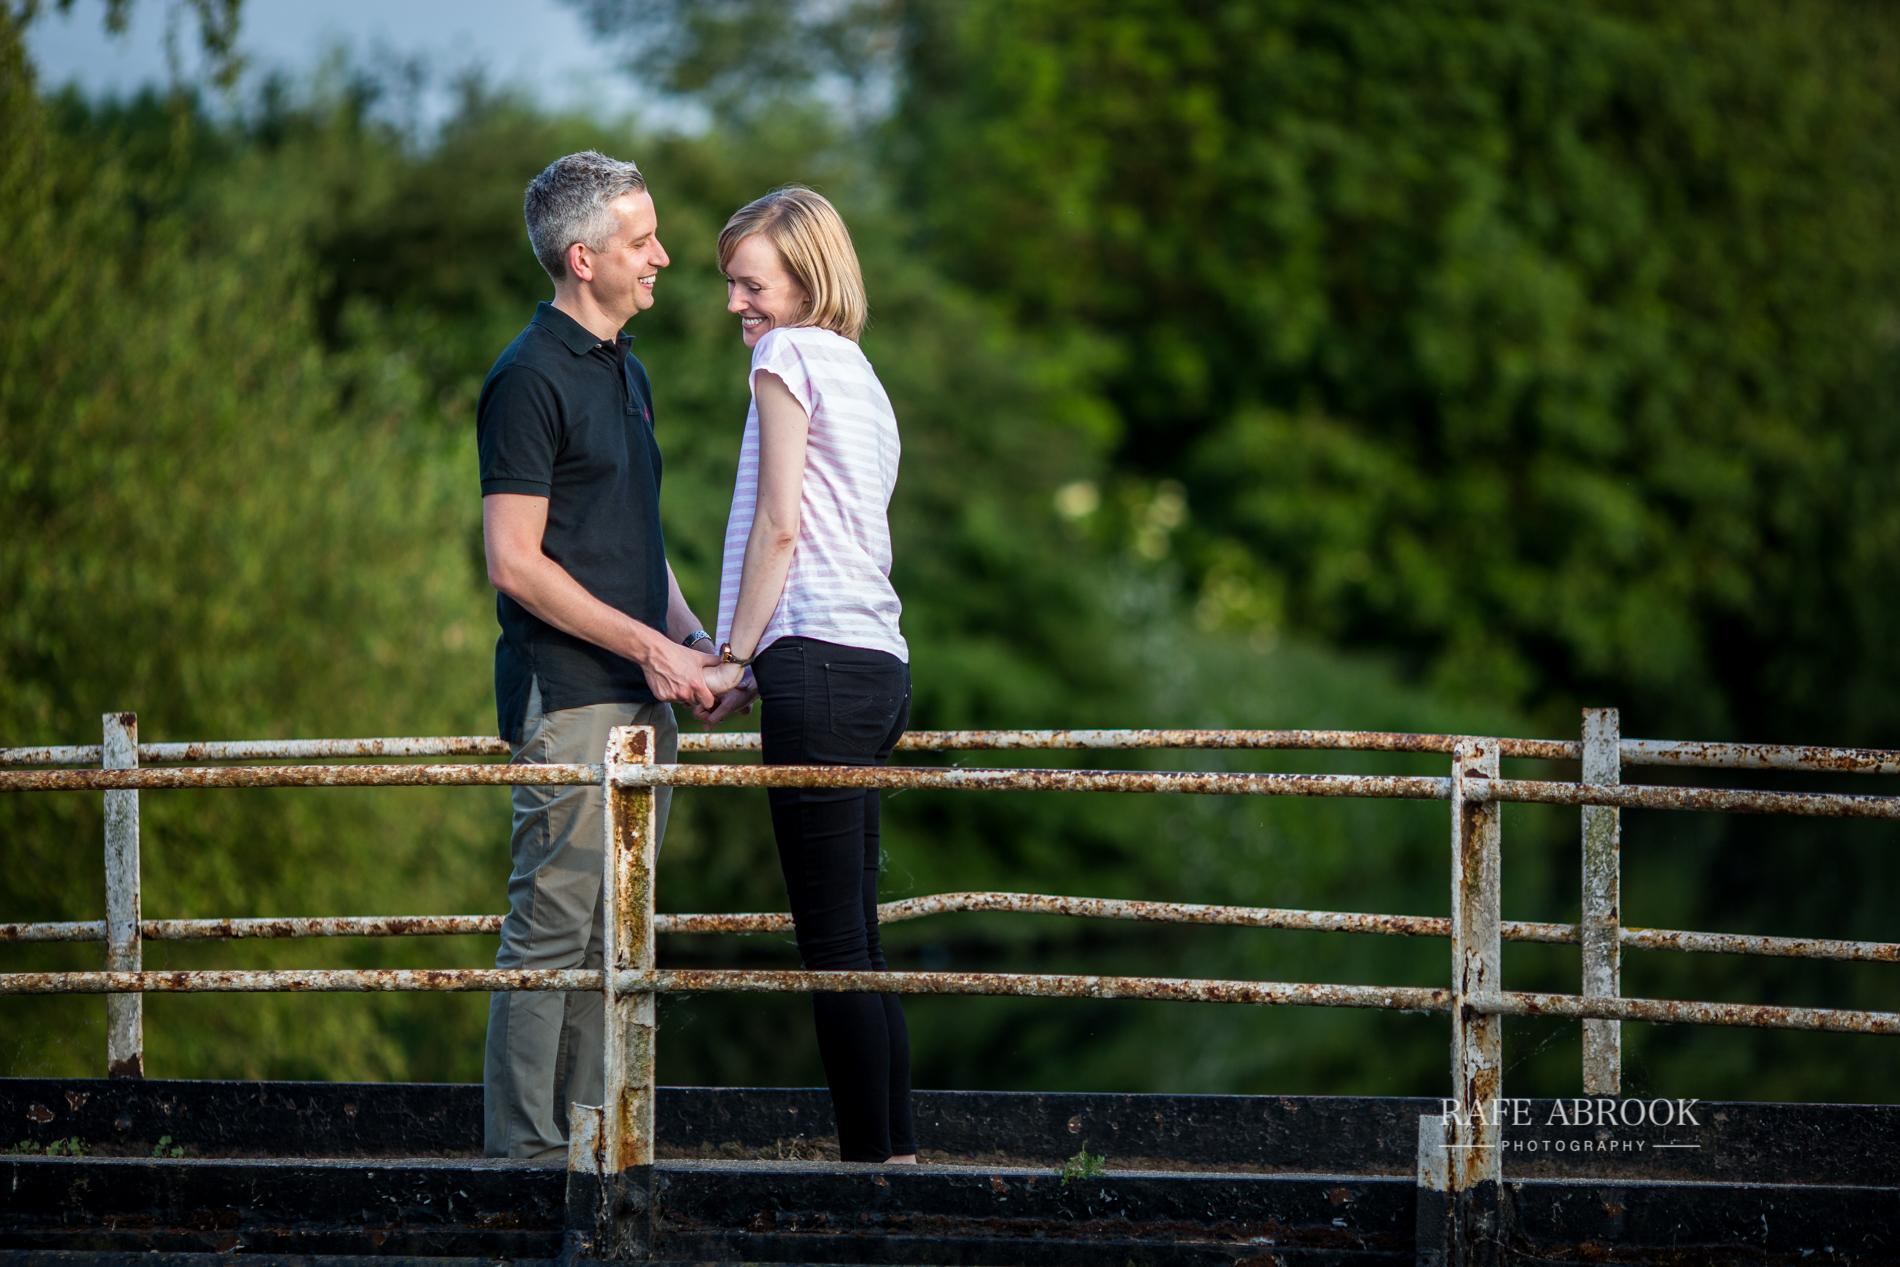 emily & andrew engagement shoot lea valley park cheshunt hertfordshire-1050.jpg